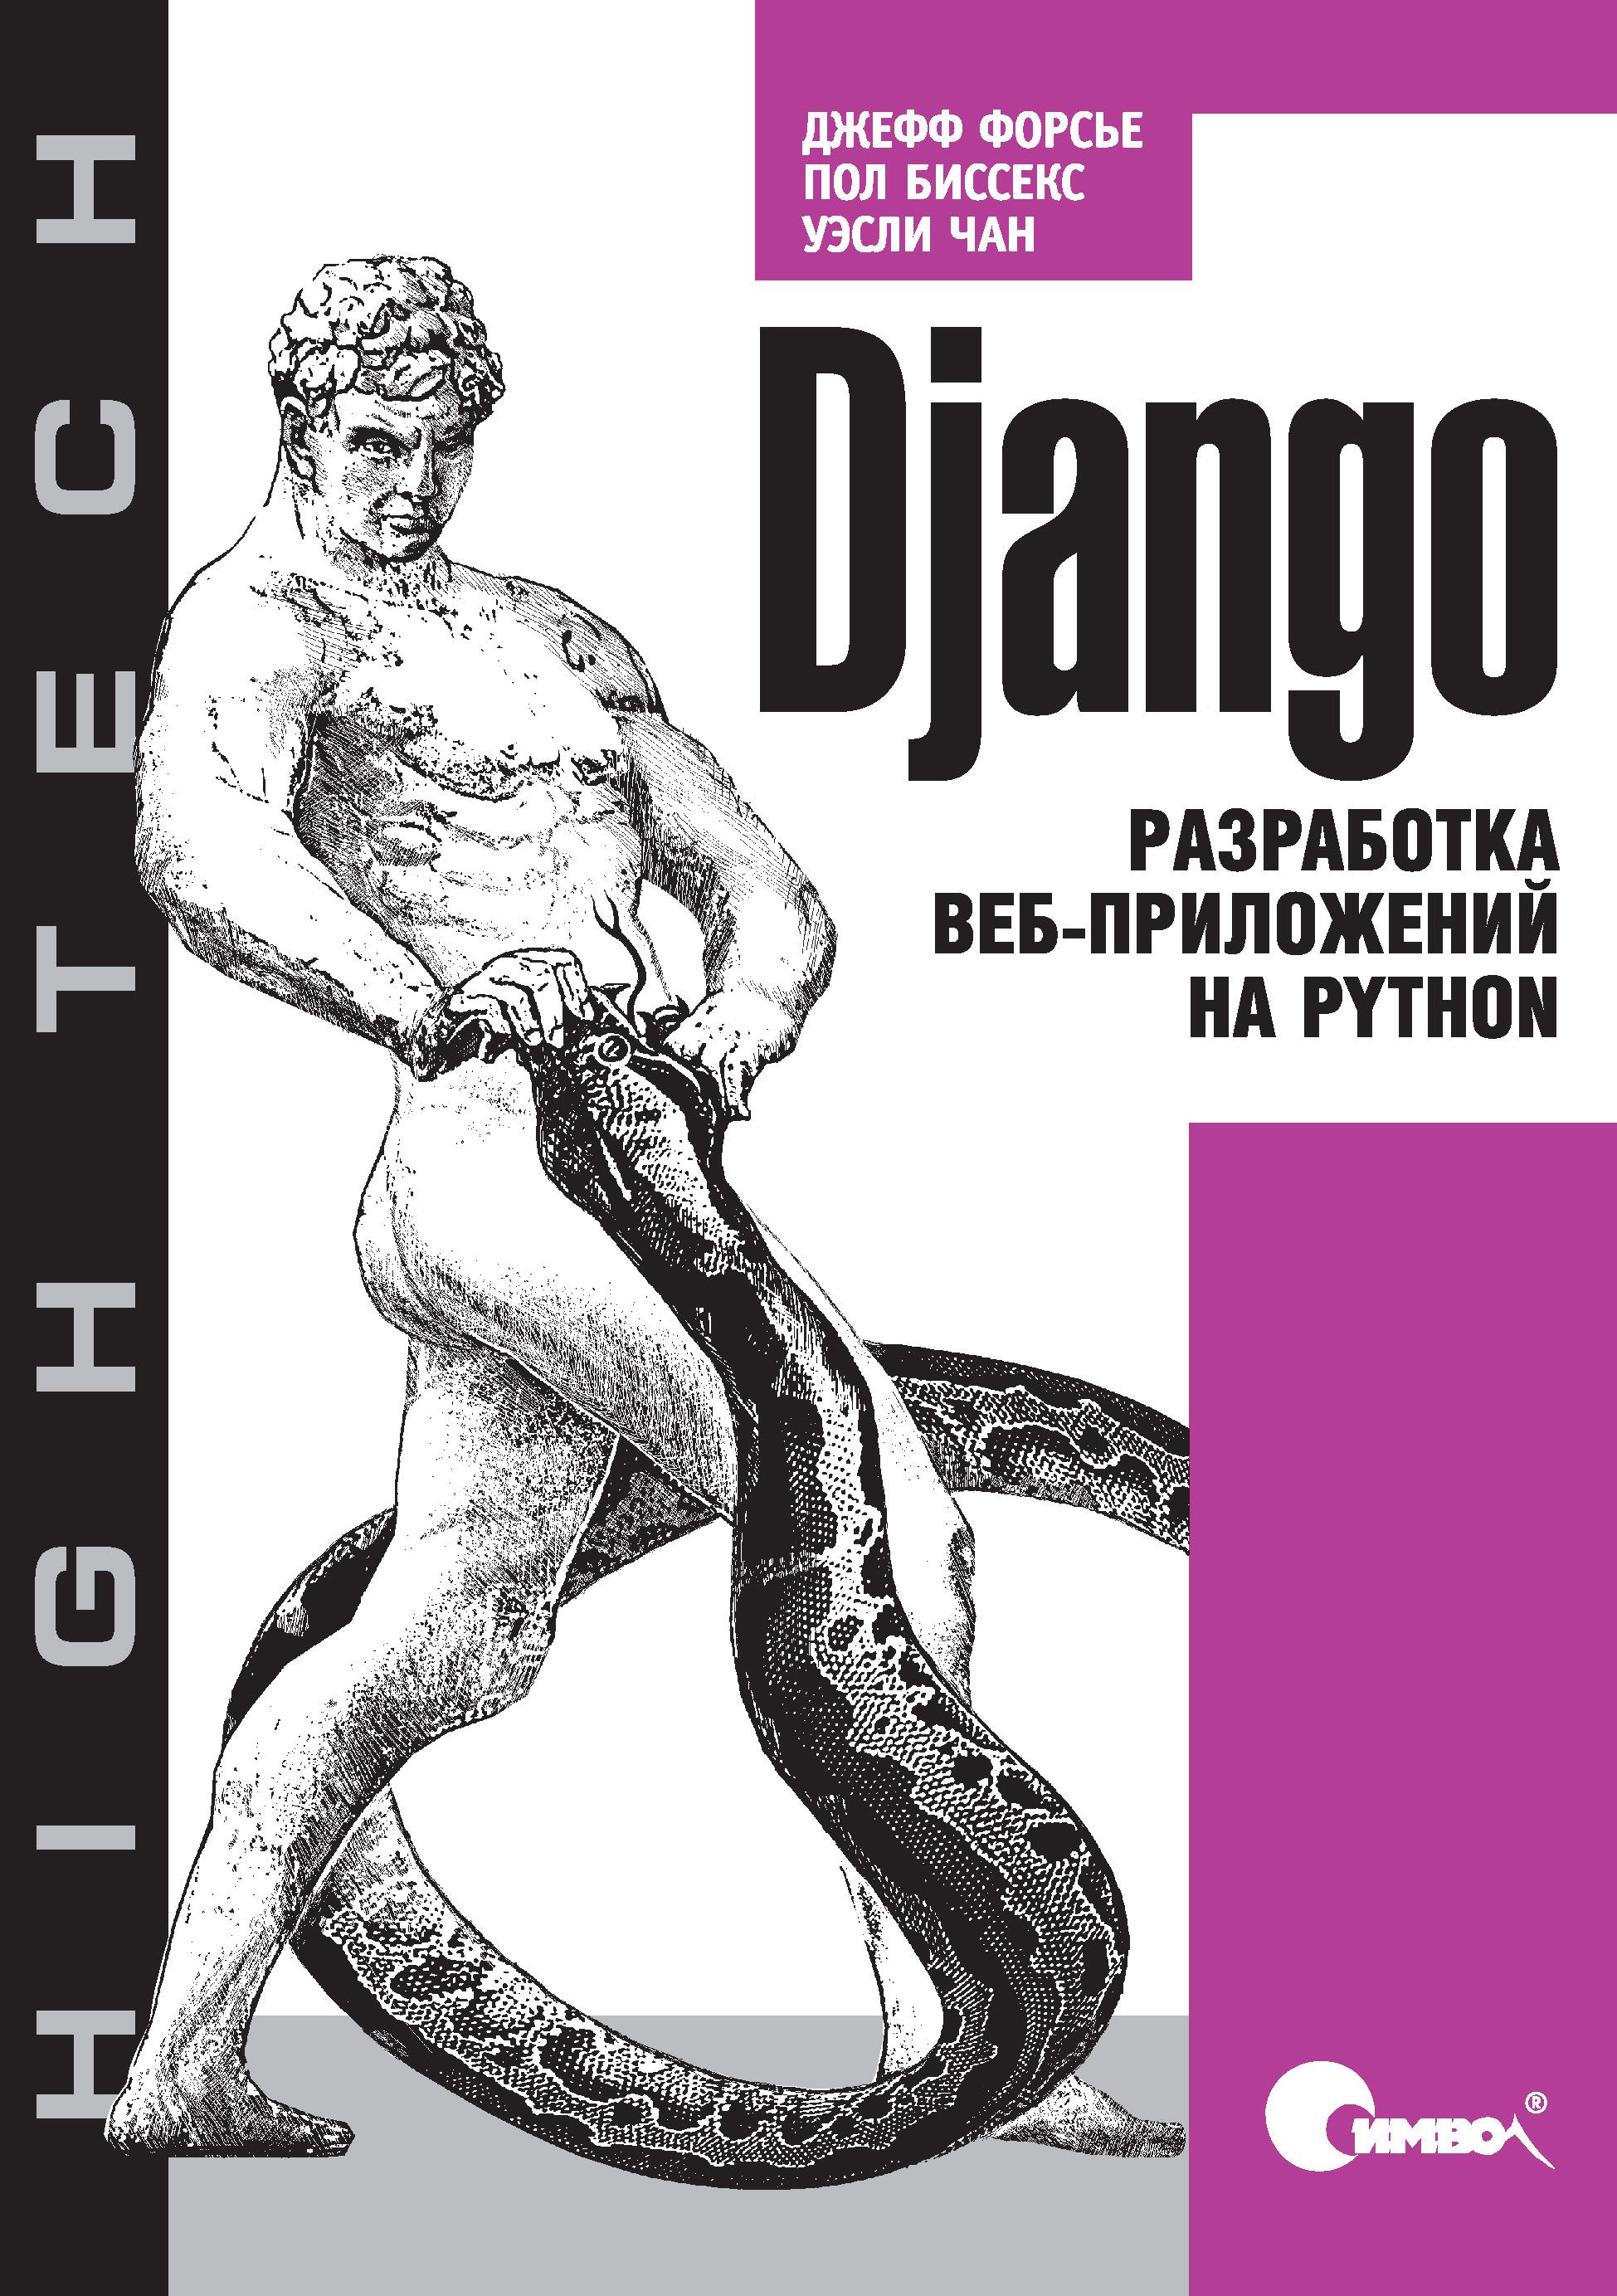 Фото - Джефф Форсье Django. Разработка веб-приложений на Python мигель гринберг разработка веб приложений с использованием flask на языке python